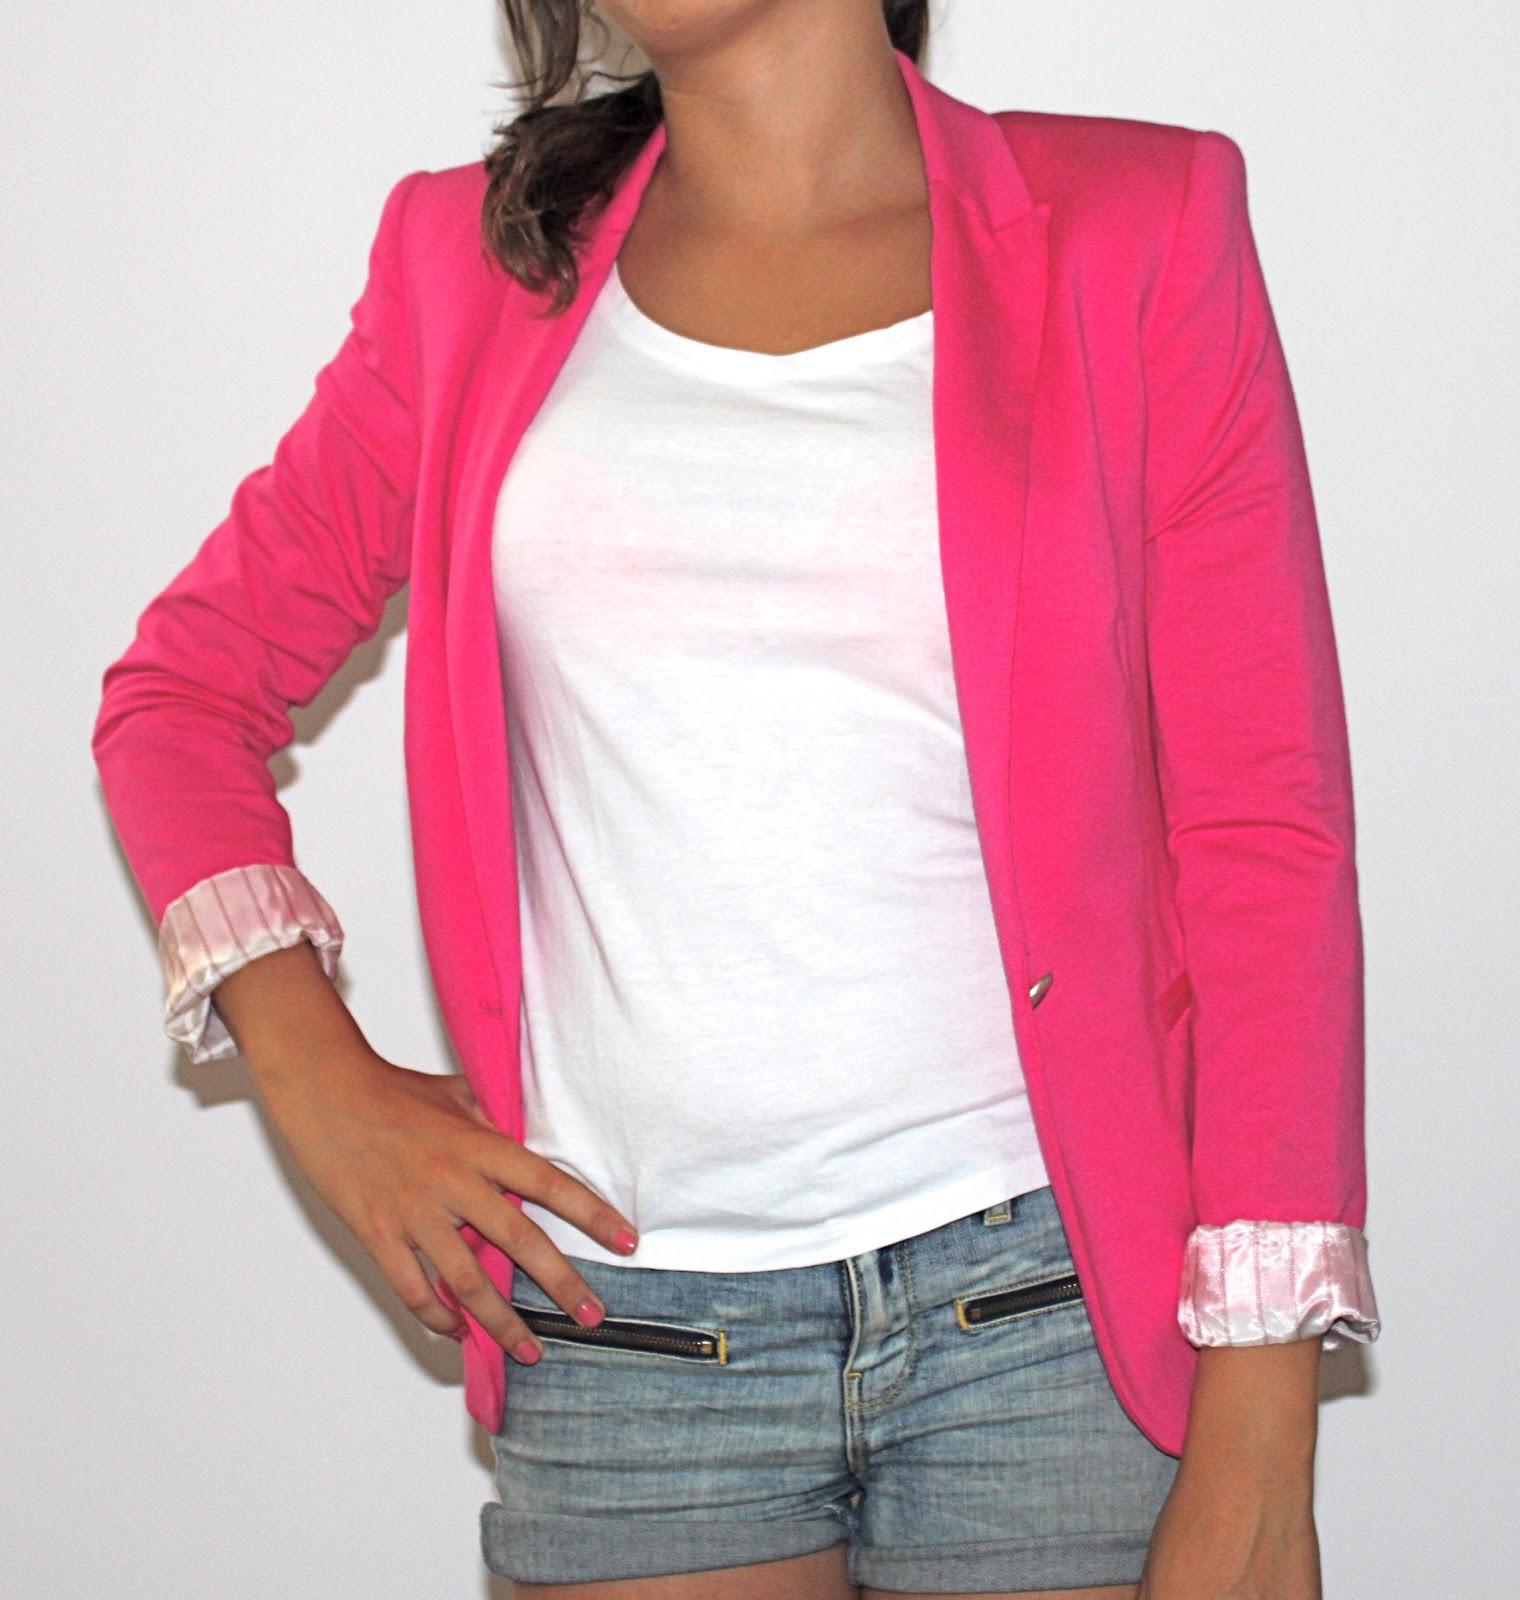 mon vide dressing veste tailleur blazer rose flashy zara. Black Bedroom Furniture Sets. Home Design Ideas